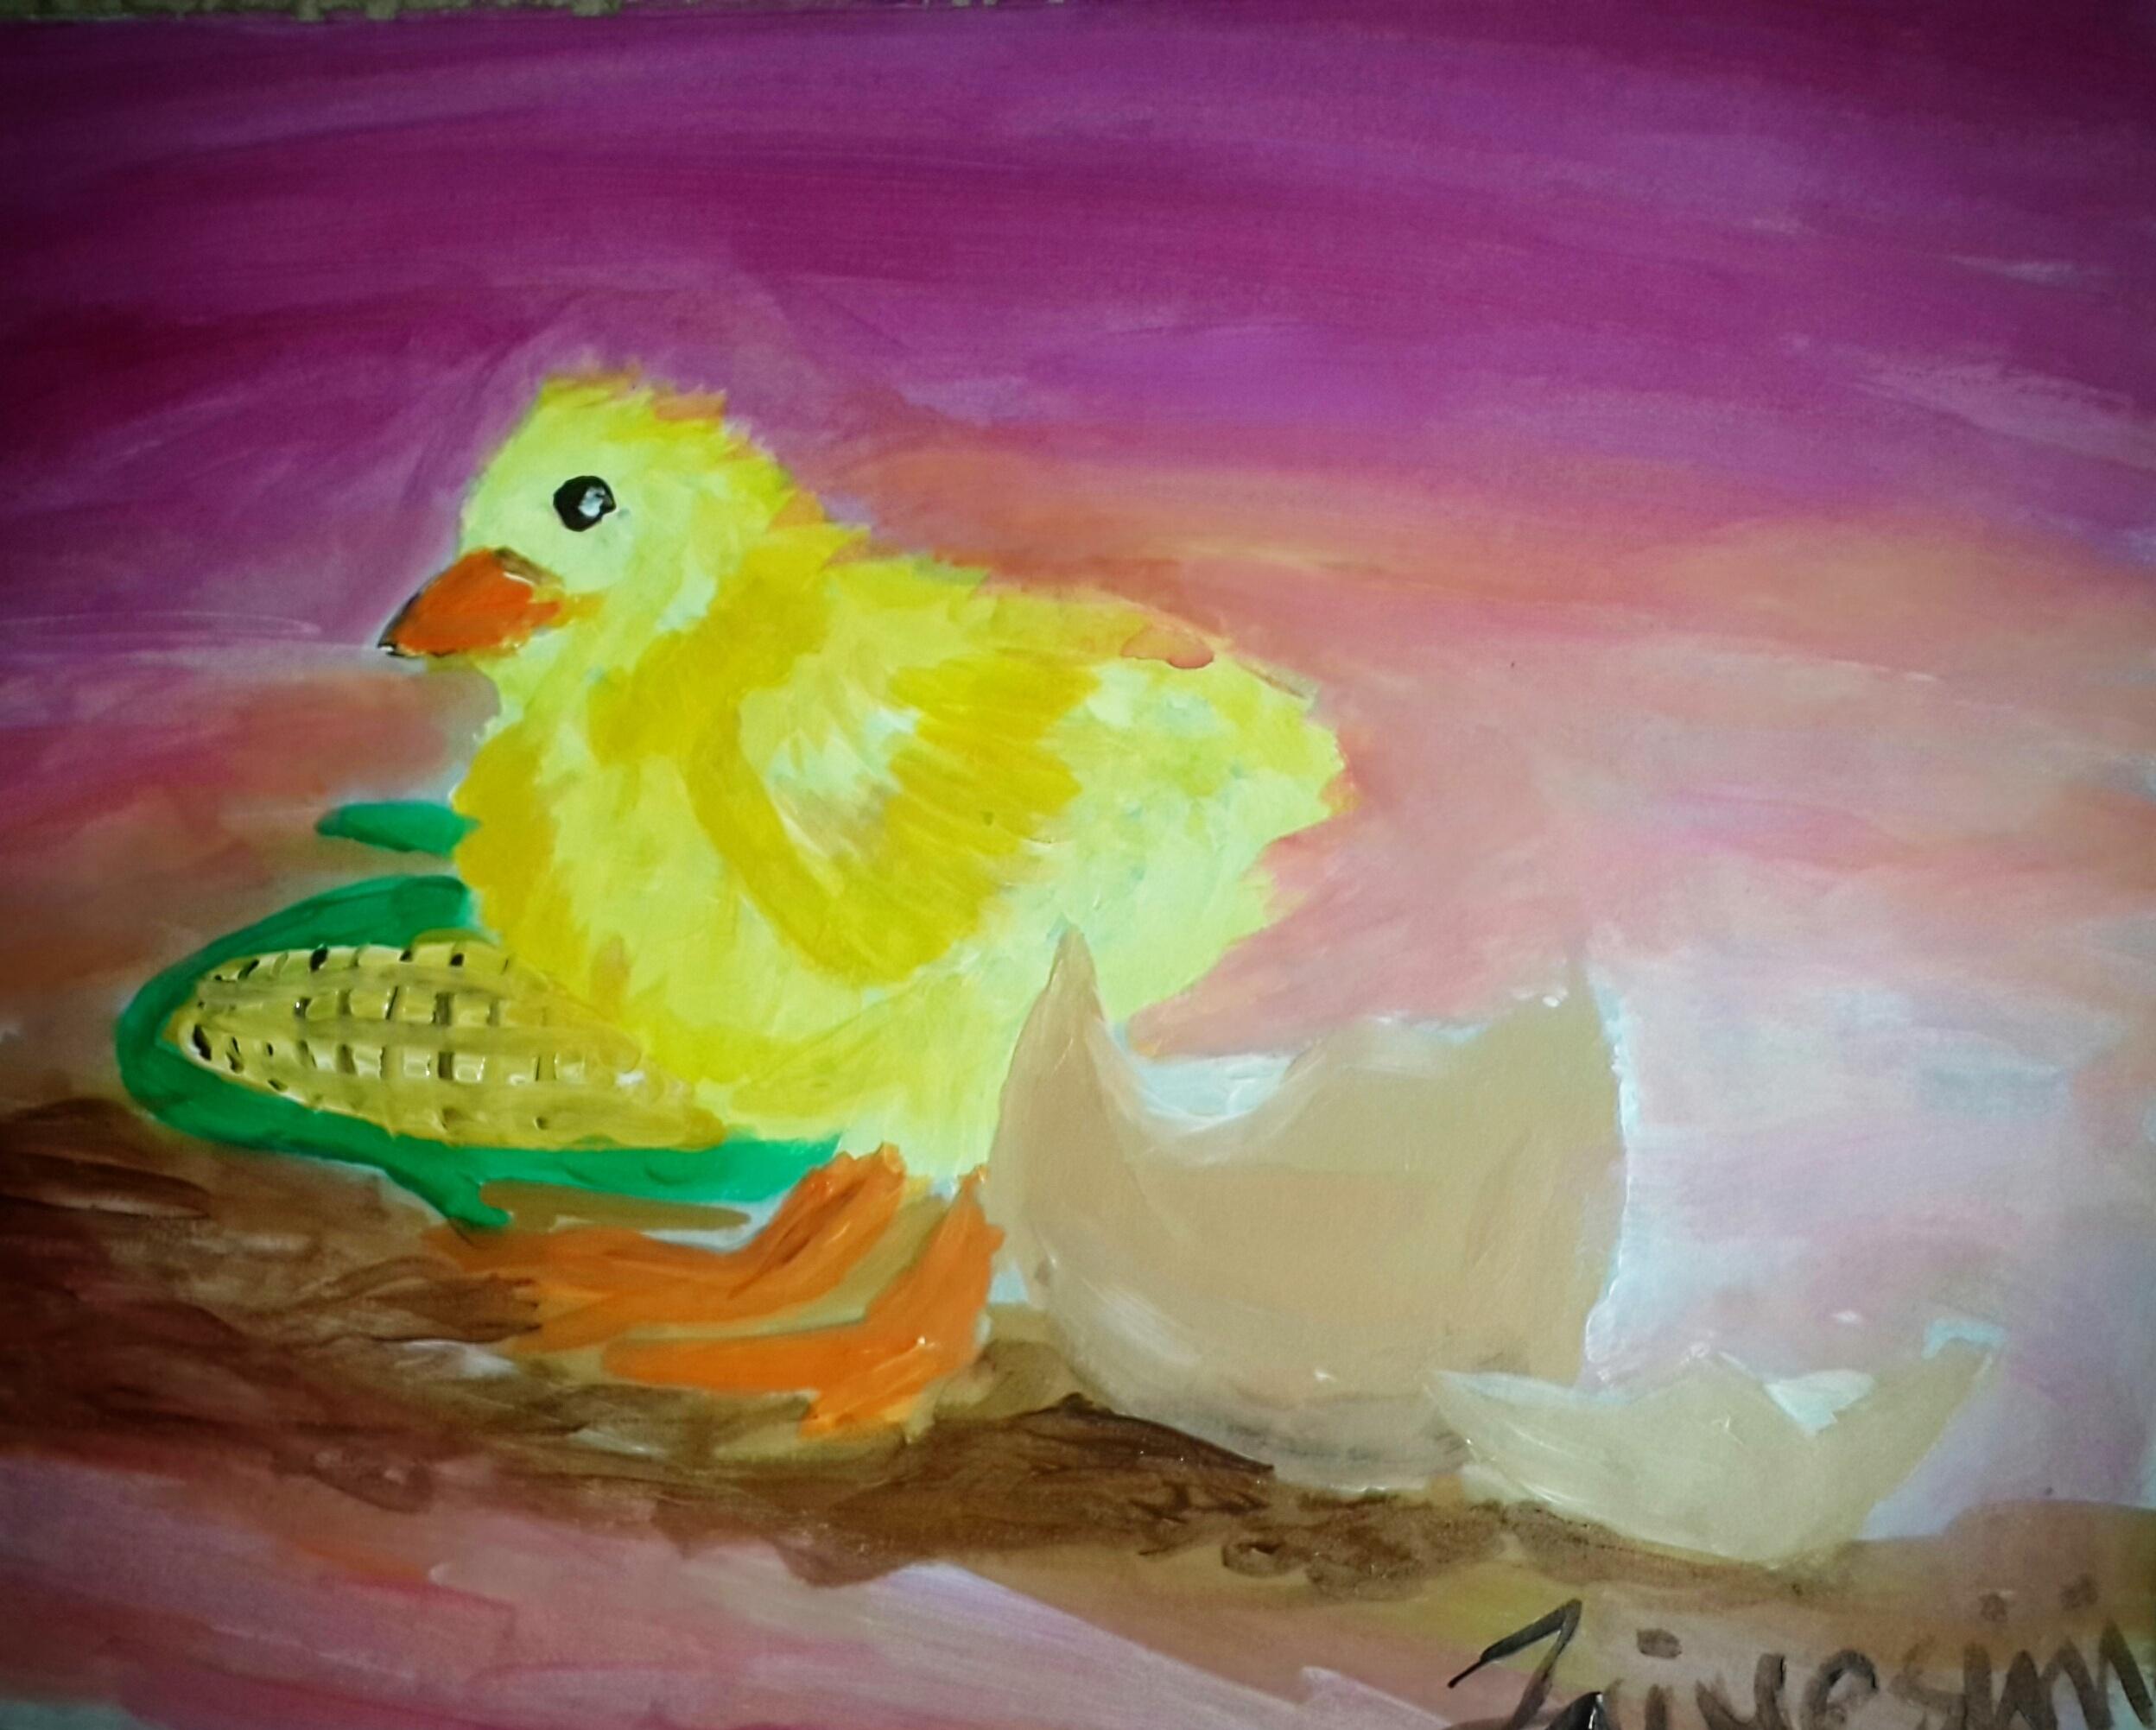 Hand Painted Image by Ibukun Jaiyesimi